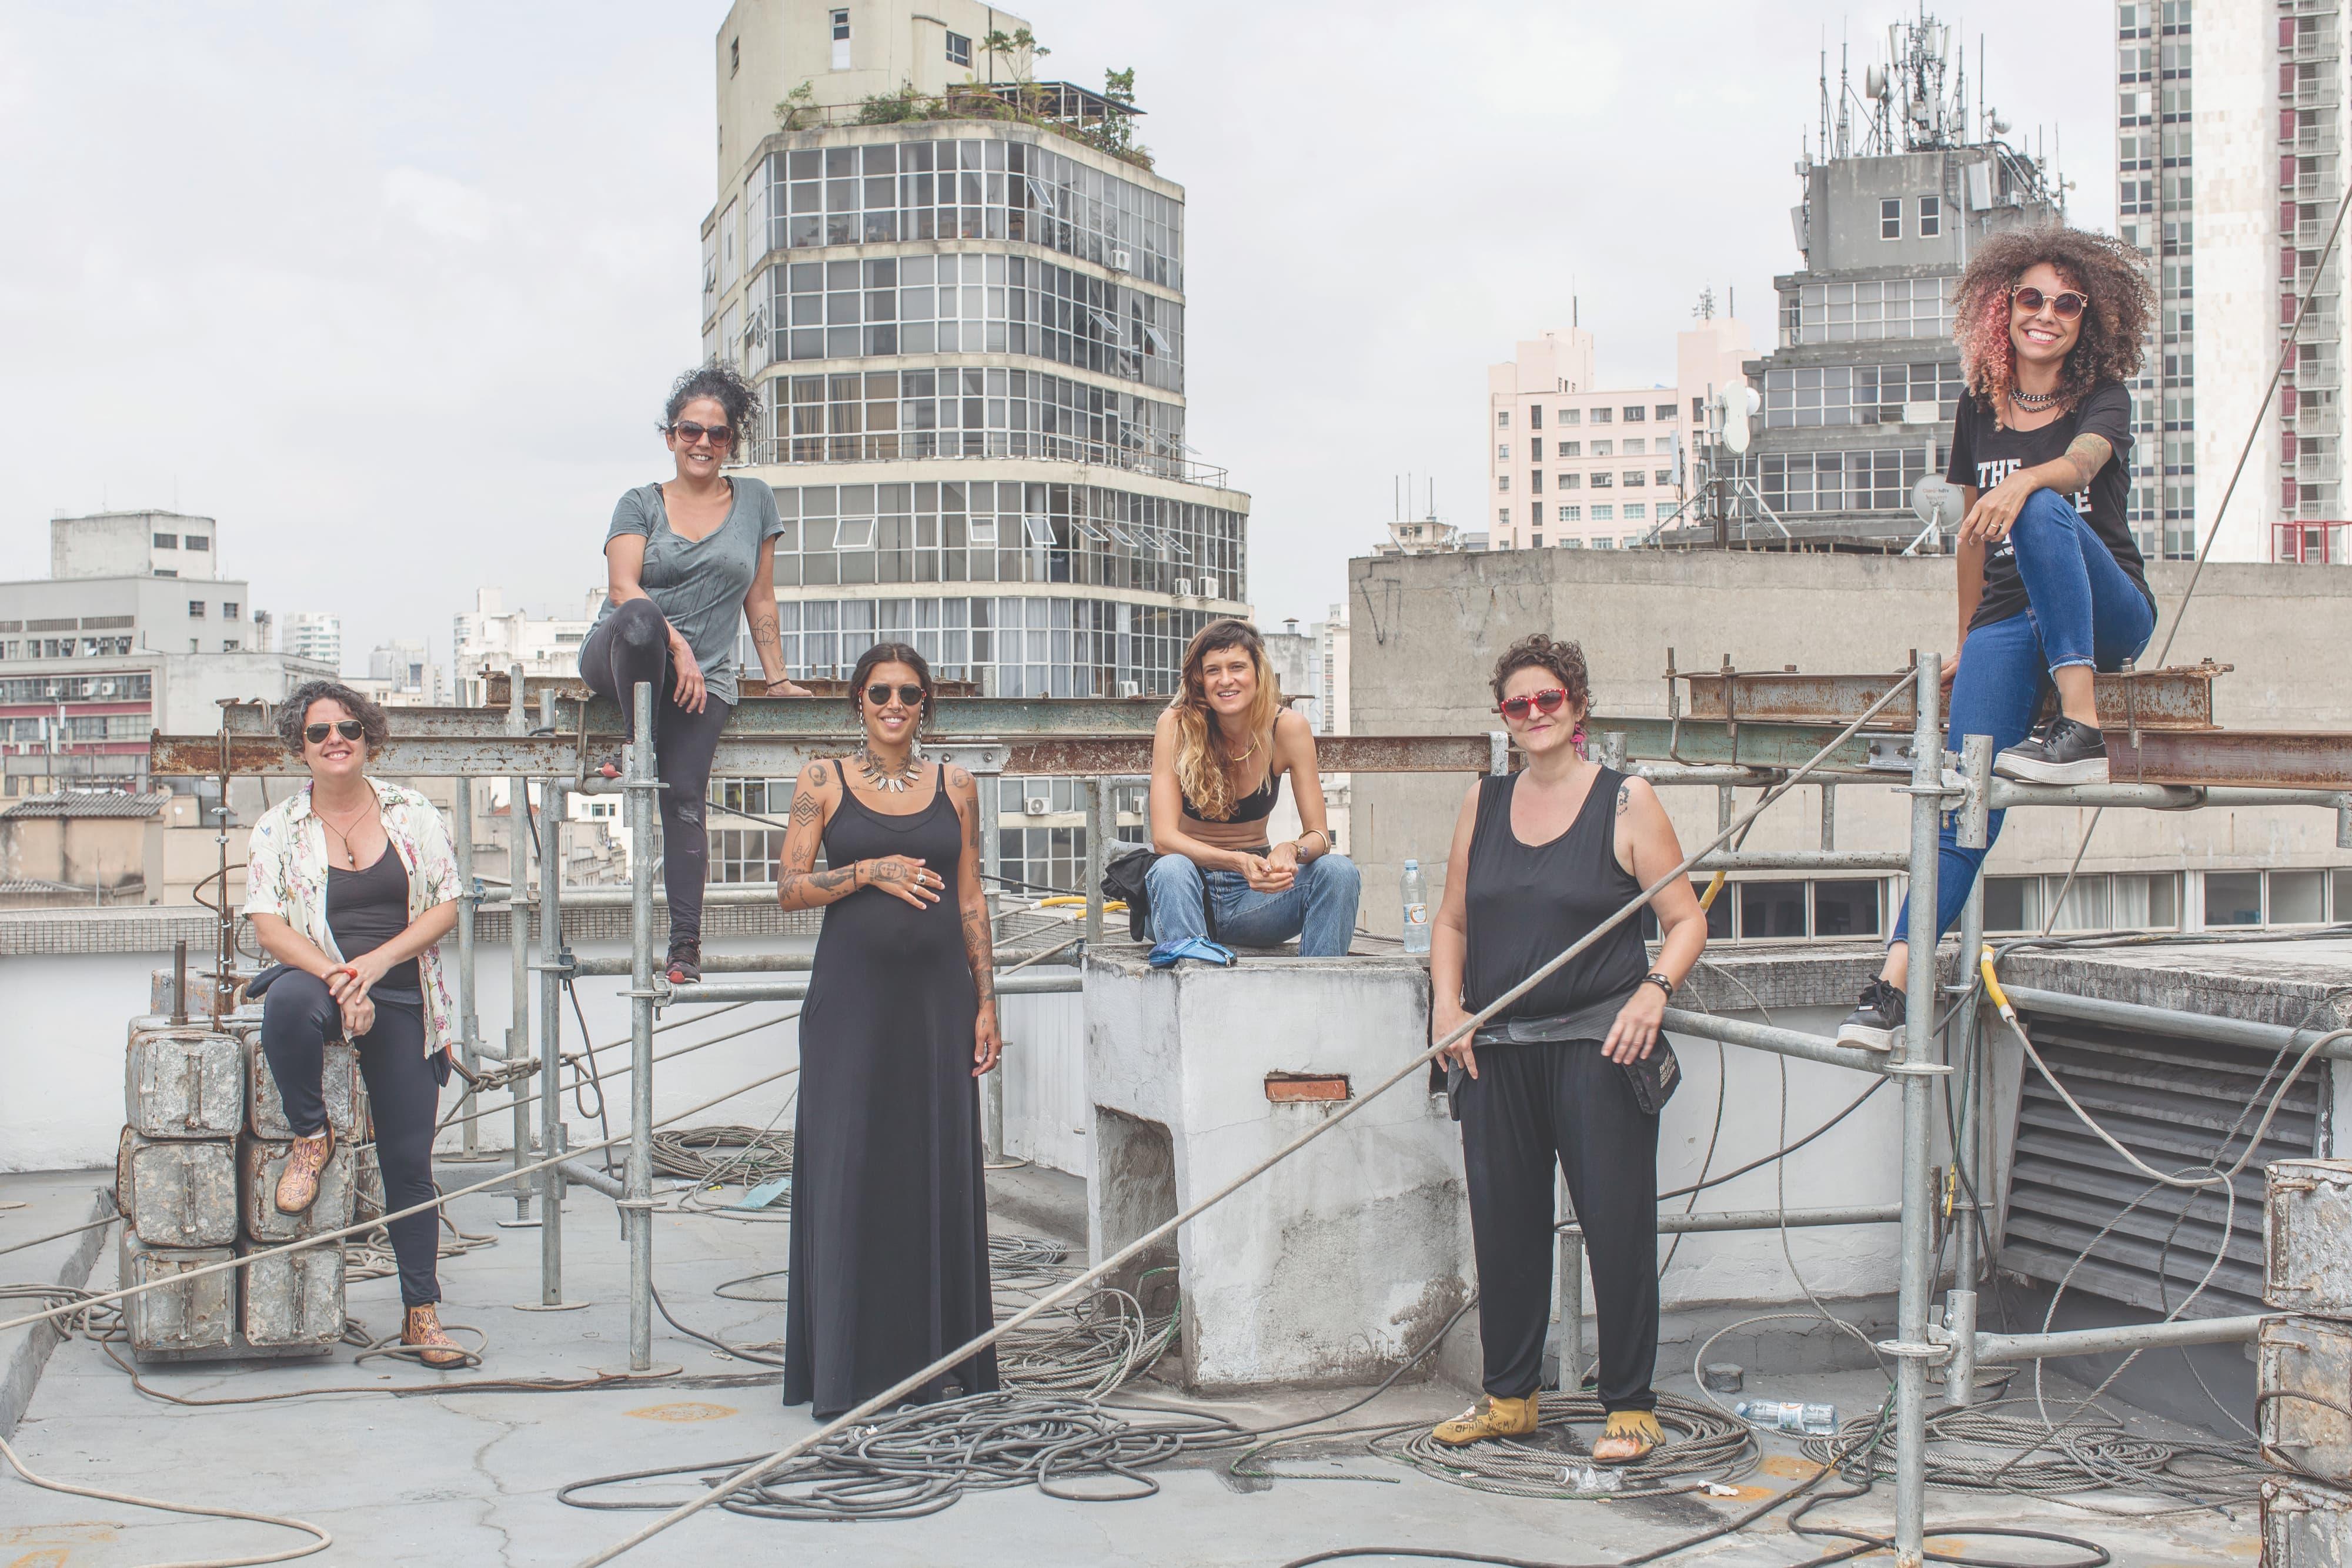 Artistas colorem o centro de São Paulo em homenagem a Tarsila de Amaral